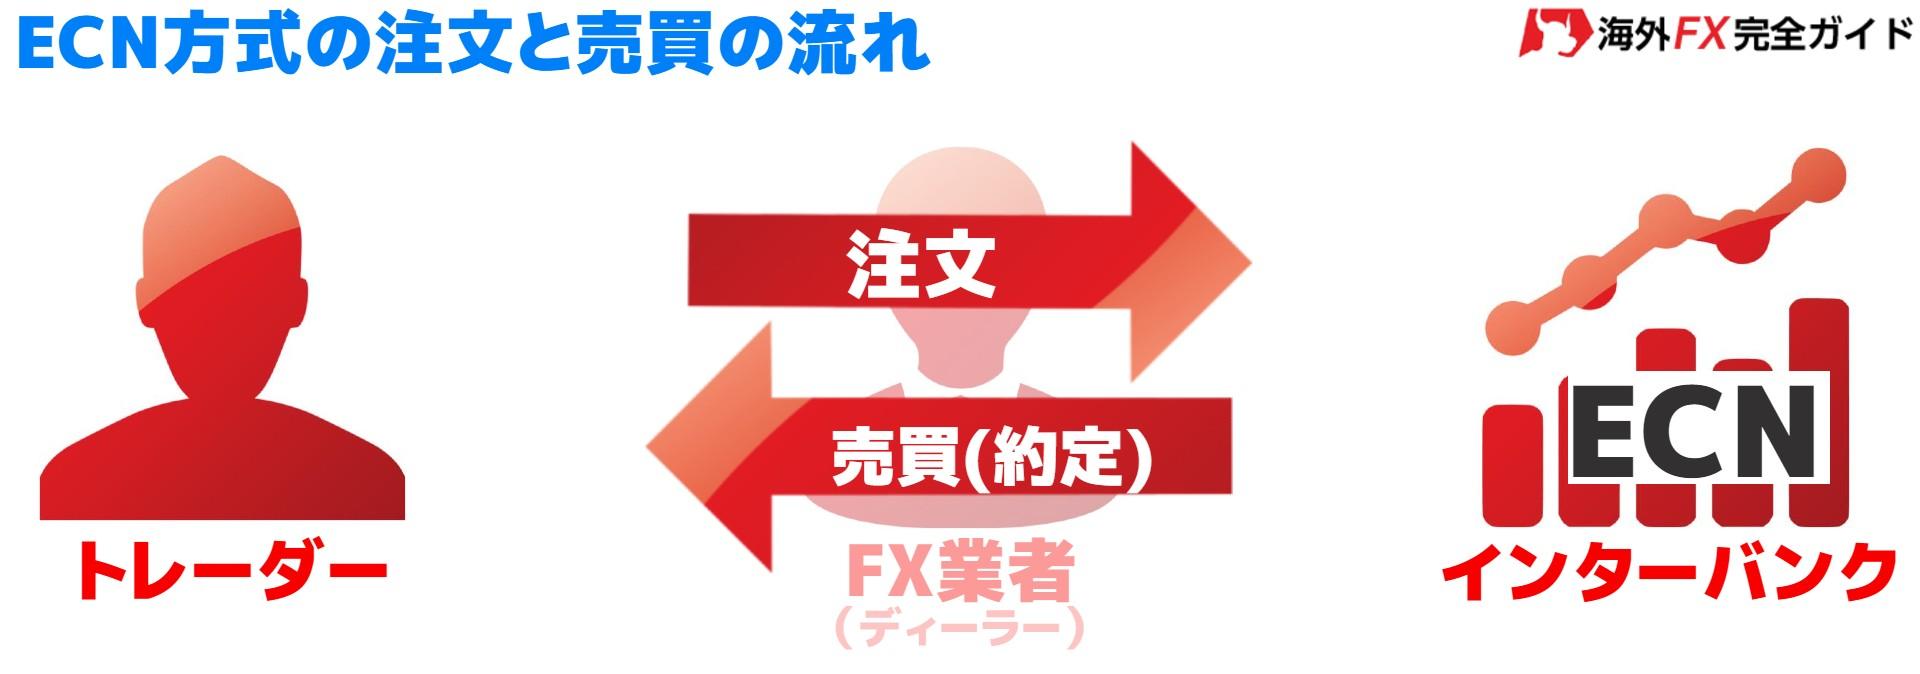 ECN方式の取引の流れ